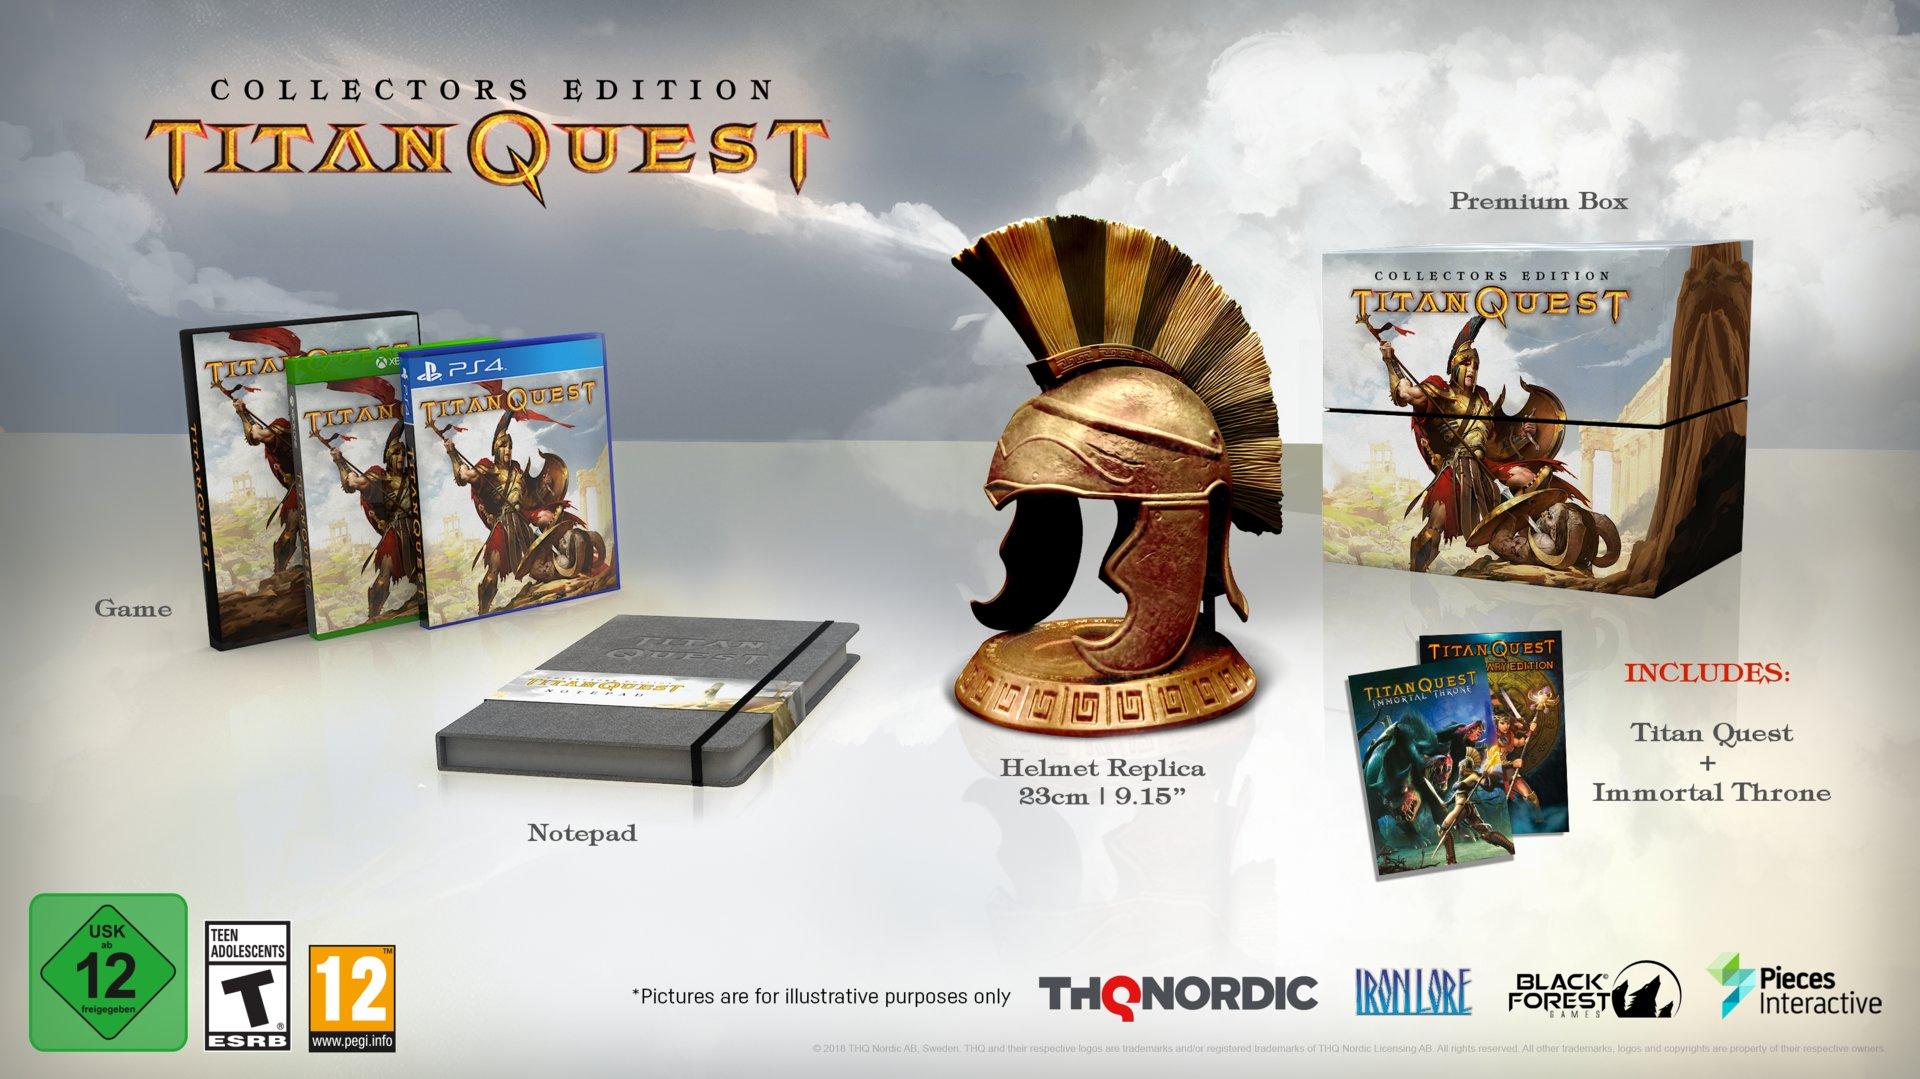 Titan Quest Collectors Edition